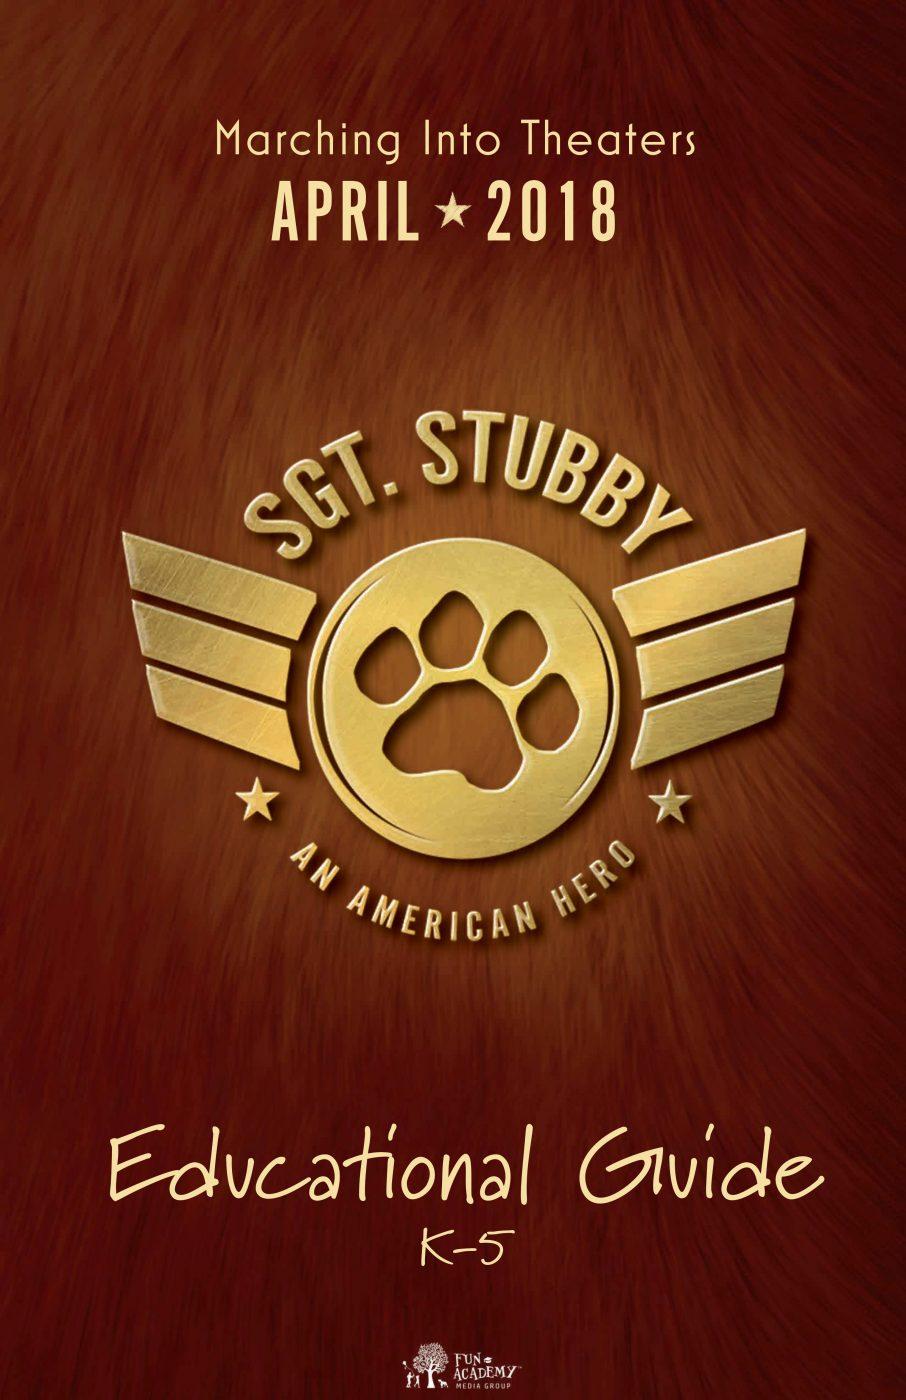 Sgt. Stubby Educator Guide K-5